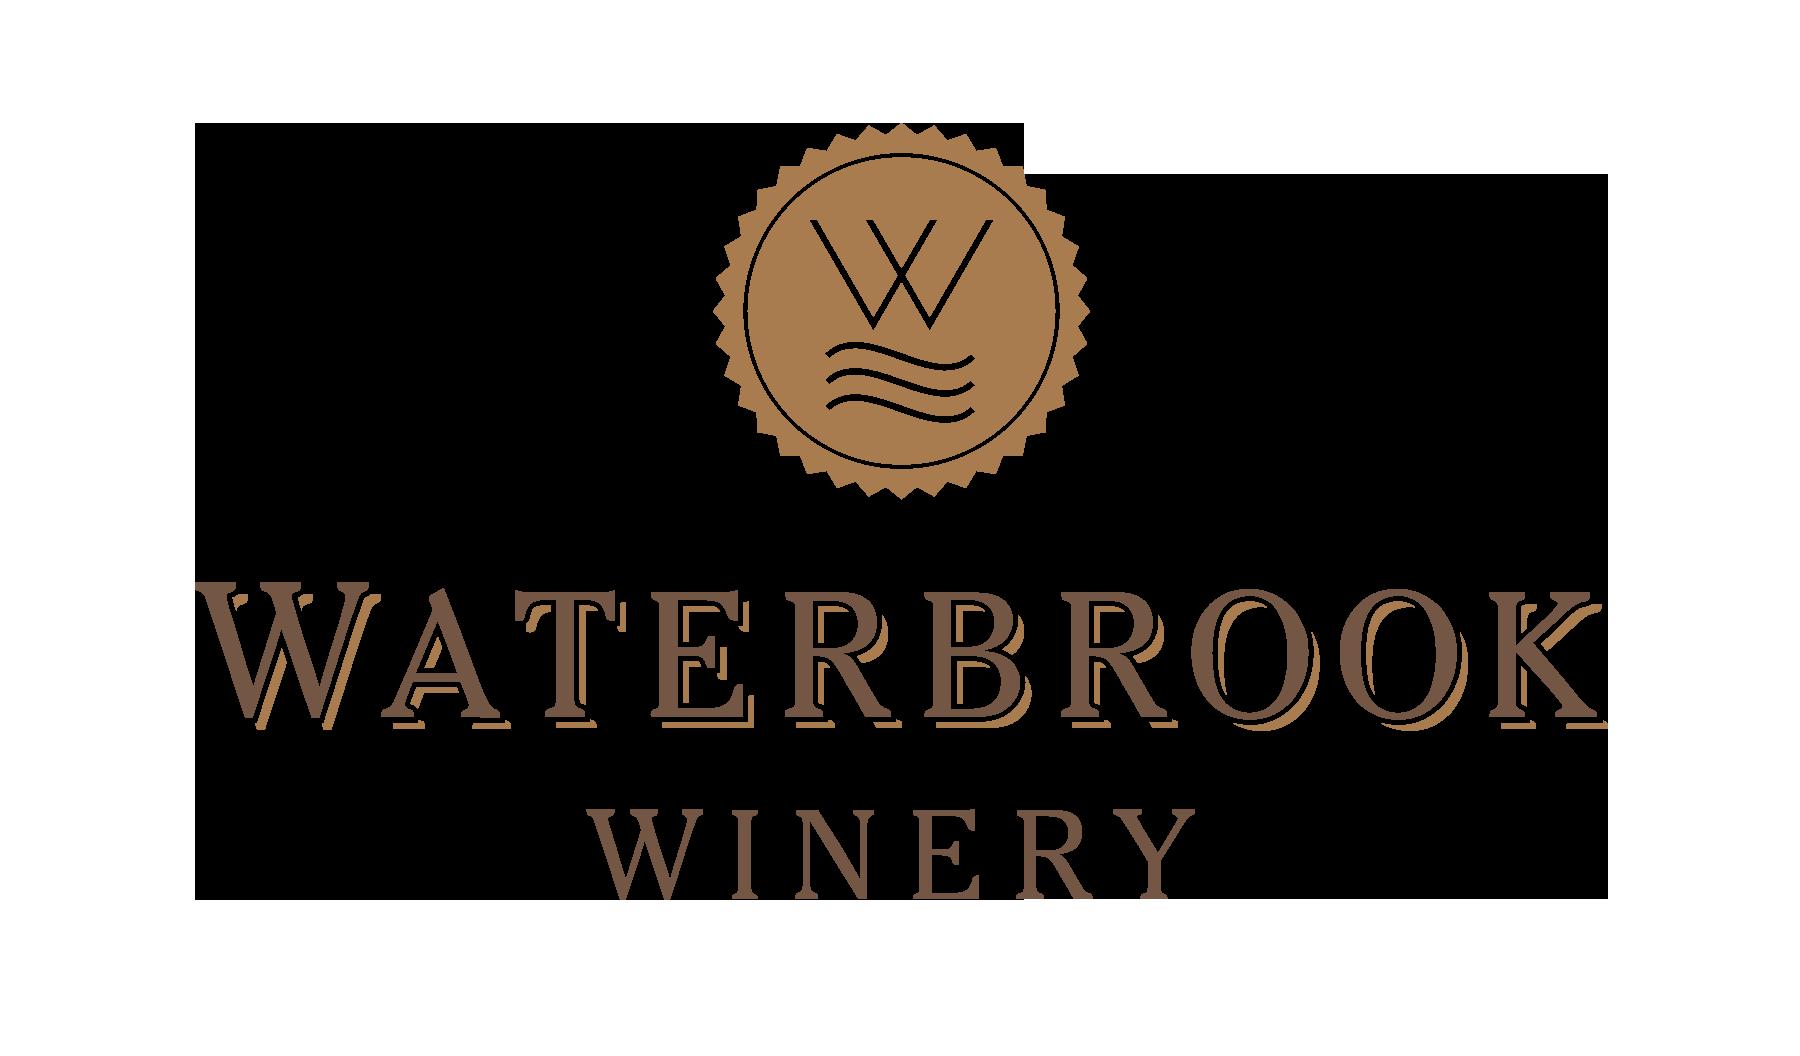 WB-WineryLogo.png